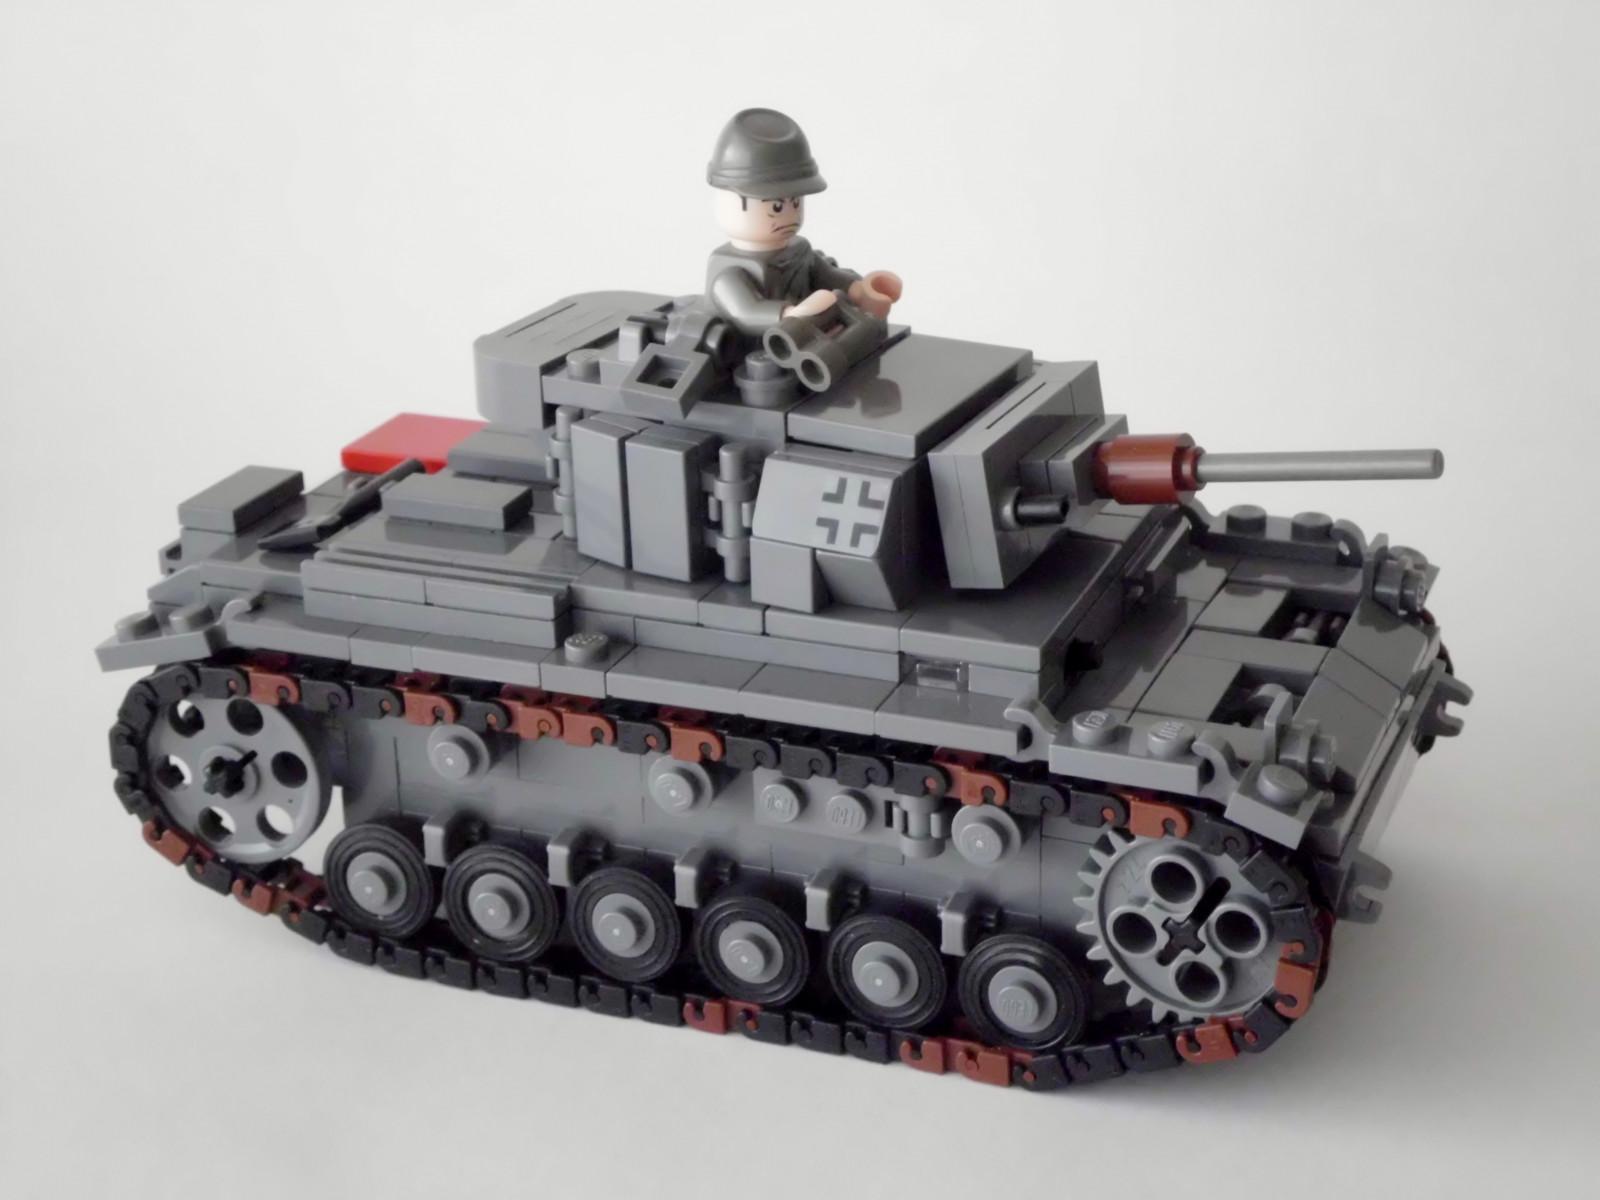 hintergrundbilder fahrzeug waffe panzer lego deutschland r stung milit r spielzeug. Black Bedroom Furniture Sets. Home Design Ideas